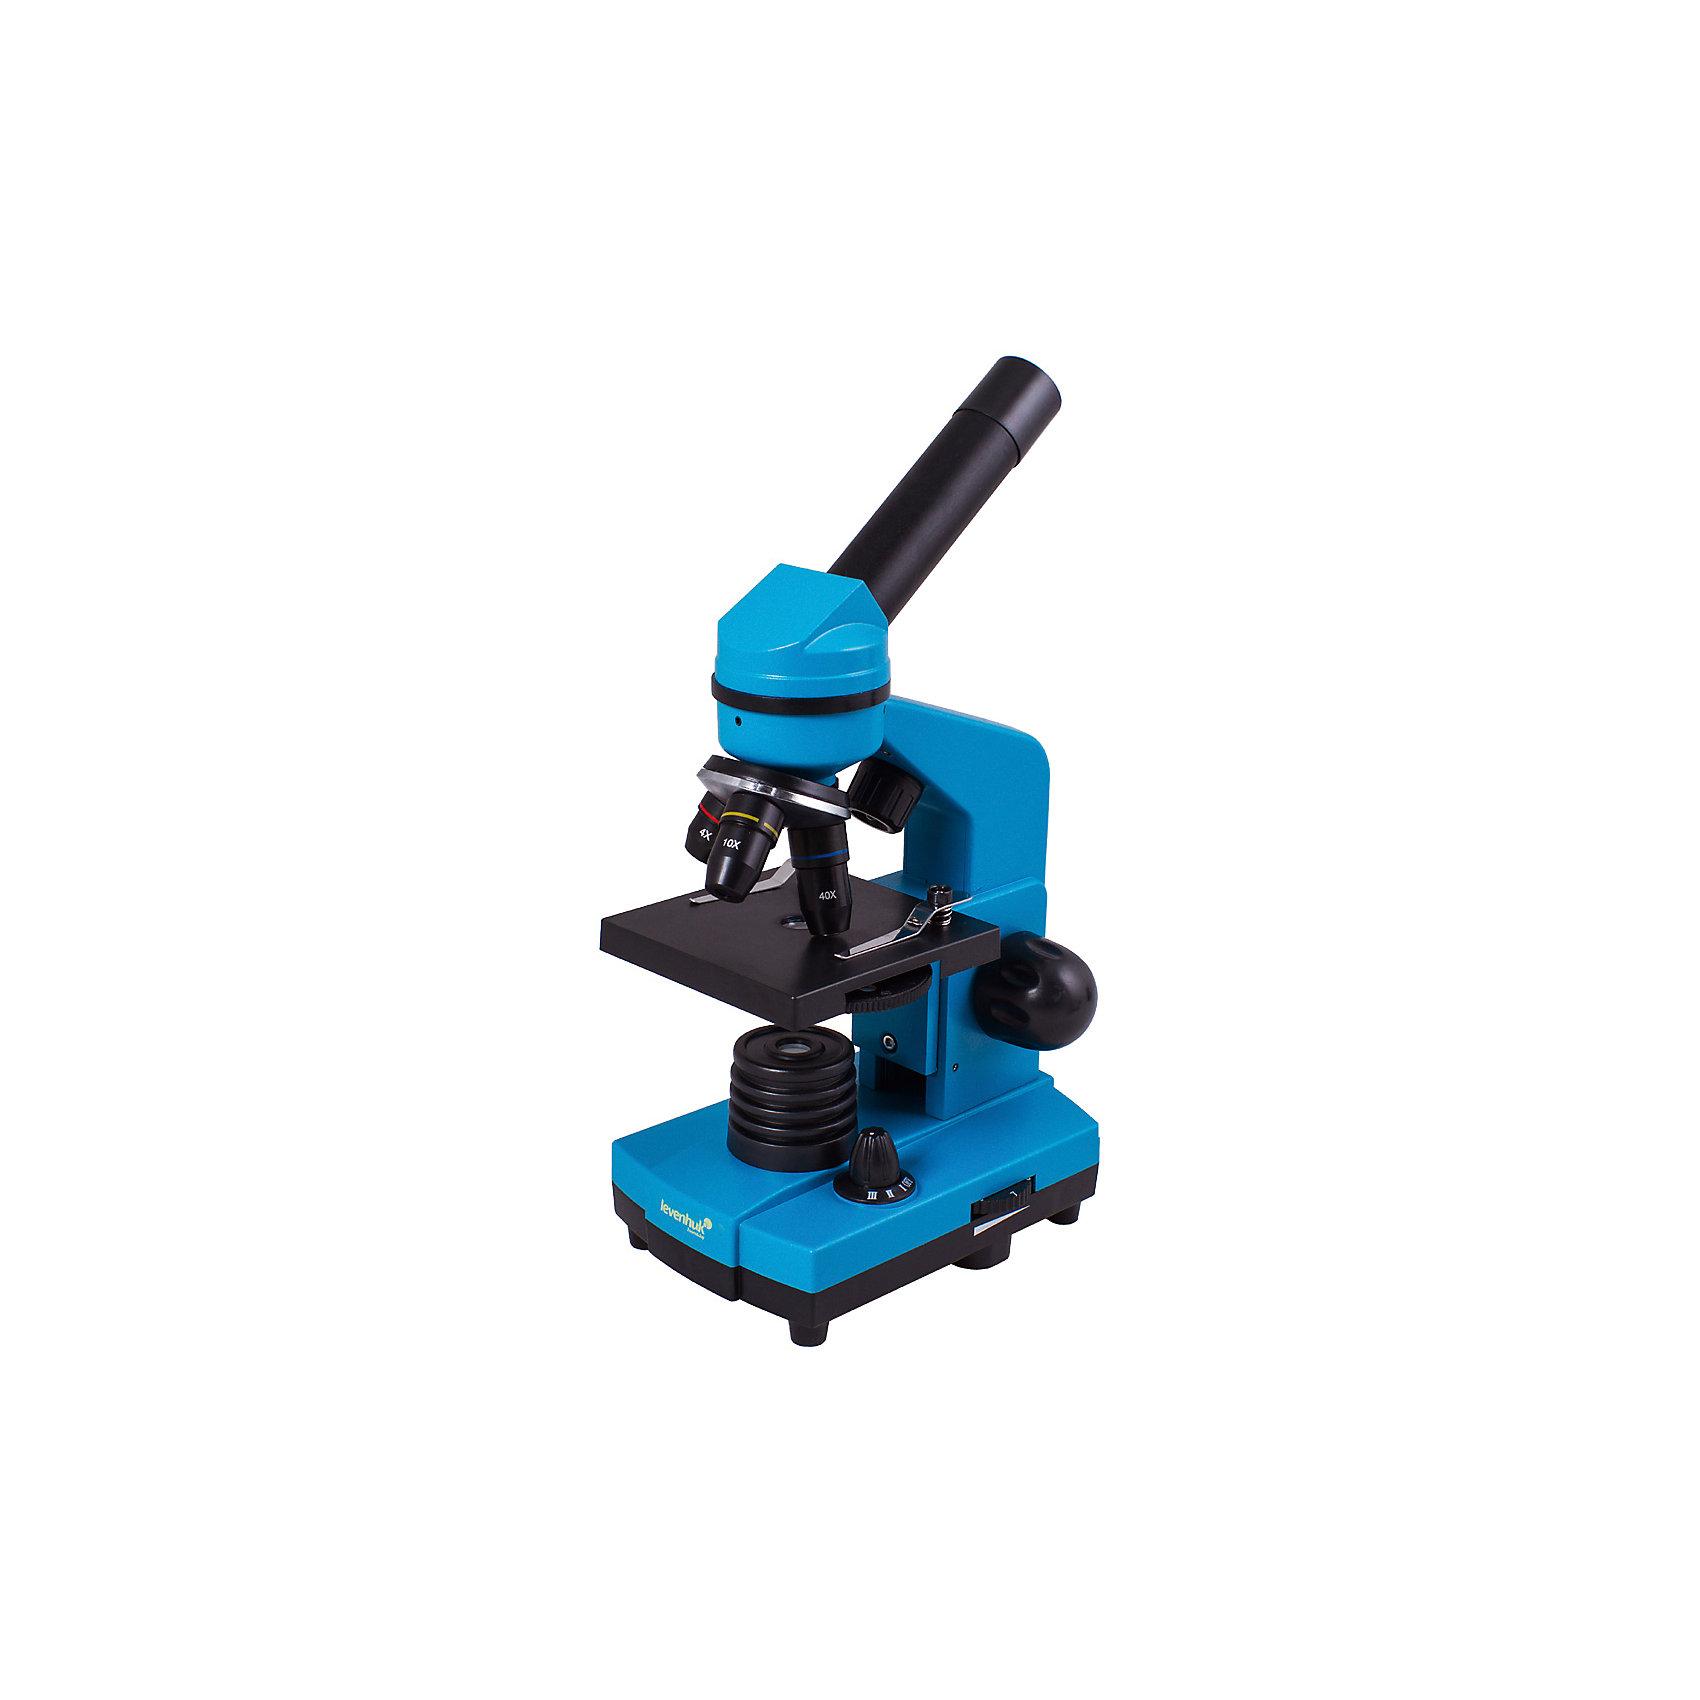 Микроскоп Levenhuk Rainbow 2L Azure\ЛазурьМикроскопы<br>Характеристики товара:<br><br>• материал: металл, пластик<br>• увеличение: до 400 крат<br>• объективы: 4х, 10х, 40х<br>• подсветка: светодиодная<br>• подсветка работает от батареек 3хАА<br>• комплектация: микроскоп, окуляр WF16х, предметный столик с зажимами, диск с диафрагмами, адаптер питания от сети (питание 110-220 В, 50 Гц), инструкция по эксплуатации и гарантийный талон, пинцет, инкубатор для артемии, микротом, флакон с дрожжами, флакон со смолой для изготовления препаратов, флакон с морской солью, флакон с артемией (морским рачком), 5 готовых образцов и 5 чистых предметных стекол, пипетка<br>• диаметр окулярной трубки: 23,2 мм<br>• страна бренда: США<br>• страна производства: КНР<br><br>Собственный микроскоп - это отличный способ заинтересовать ребенка наукой и привить ему интерес к учебе. Эта модель микроскопа была разработана специально для детей - он позволяет увеличивать препарат в 400 крат, с помощью этого дети могут исследовать состав и структуру разнообразных предметов, веществ и организмов. Благодаря стильному дизайну этот микроскоп отлично вписывается в интерьер!<br><br>Оптические приборы от американской компании Levenhuk уже успели зарекомендовать себя как качественная и надежная продукция. Для их производства используются только безопасные и проверенные материалы. Такой прибор способен прослужить долго. Подарите ребенку интересную и полезную вещь!<br><br>Микроскоп Levenhuk Rainbow 2L Azure\Лазурь от известного бренда Levenhuk (Левенгук) можно купить в нашем интернет-магазине.<br><br>Ширина мм: 230<br>Глубина мм: 150<br>Высота мм: 370<br>Вес г: 1530<br>Возраст от месяцев: 60<br>Возраст до месяцев: 2147483647<br>Пол: Унисекс<br>Возраст: Детский<br>SKU: 5435266